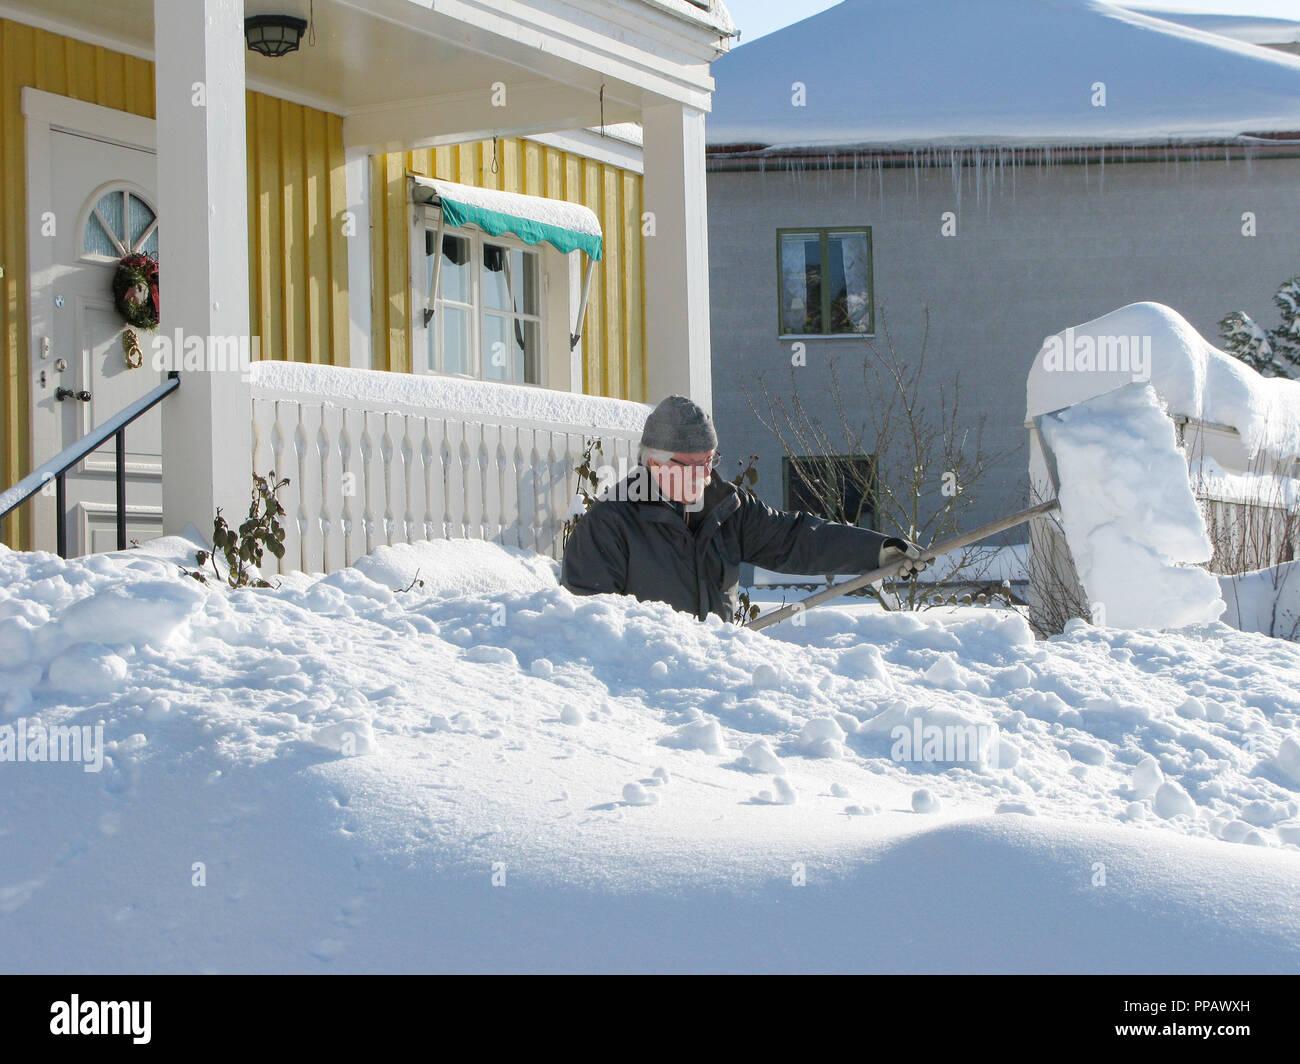 SHOVEL SNOW outside house - Stock Image